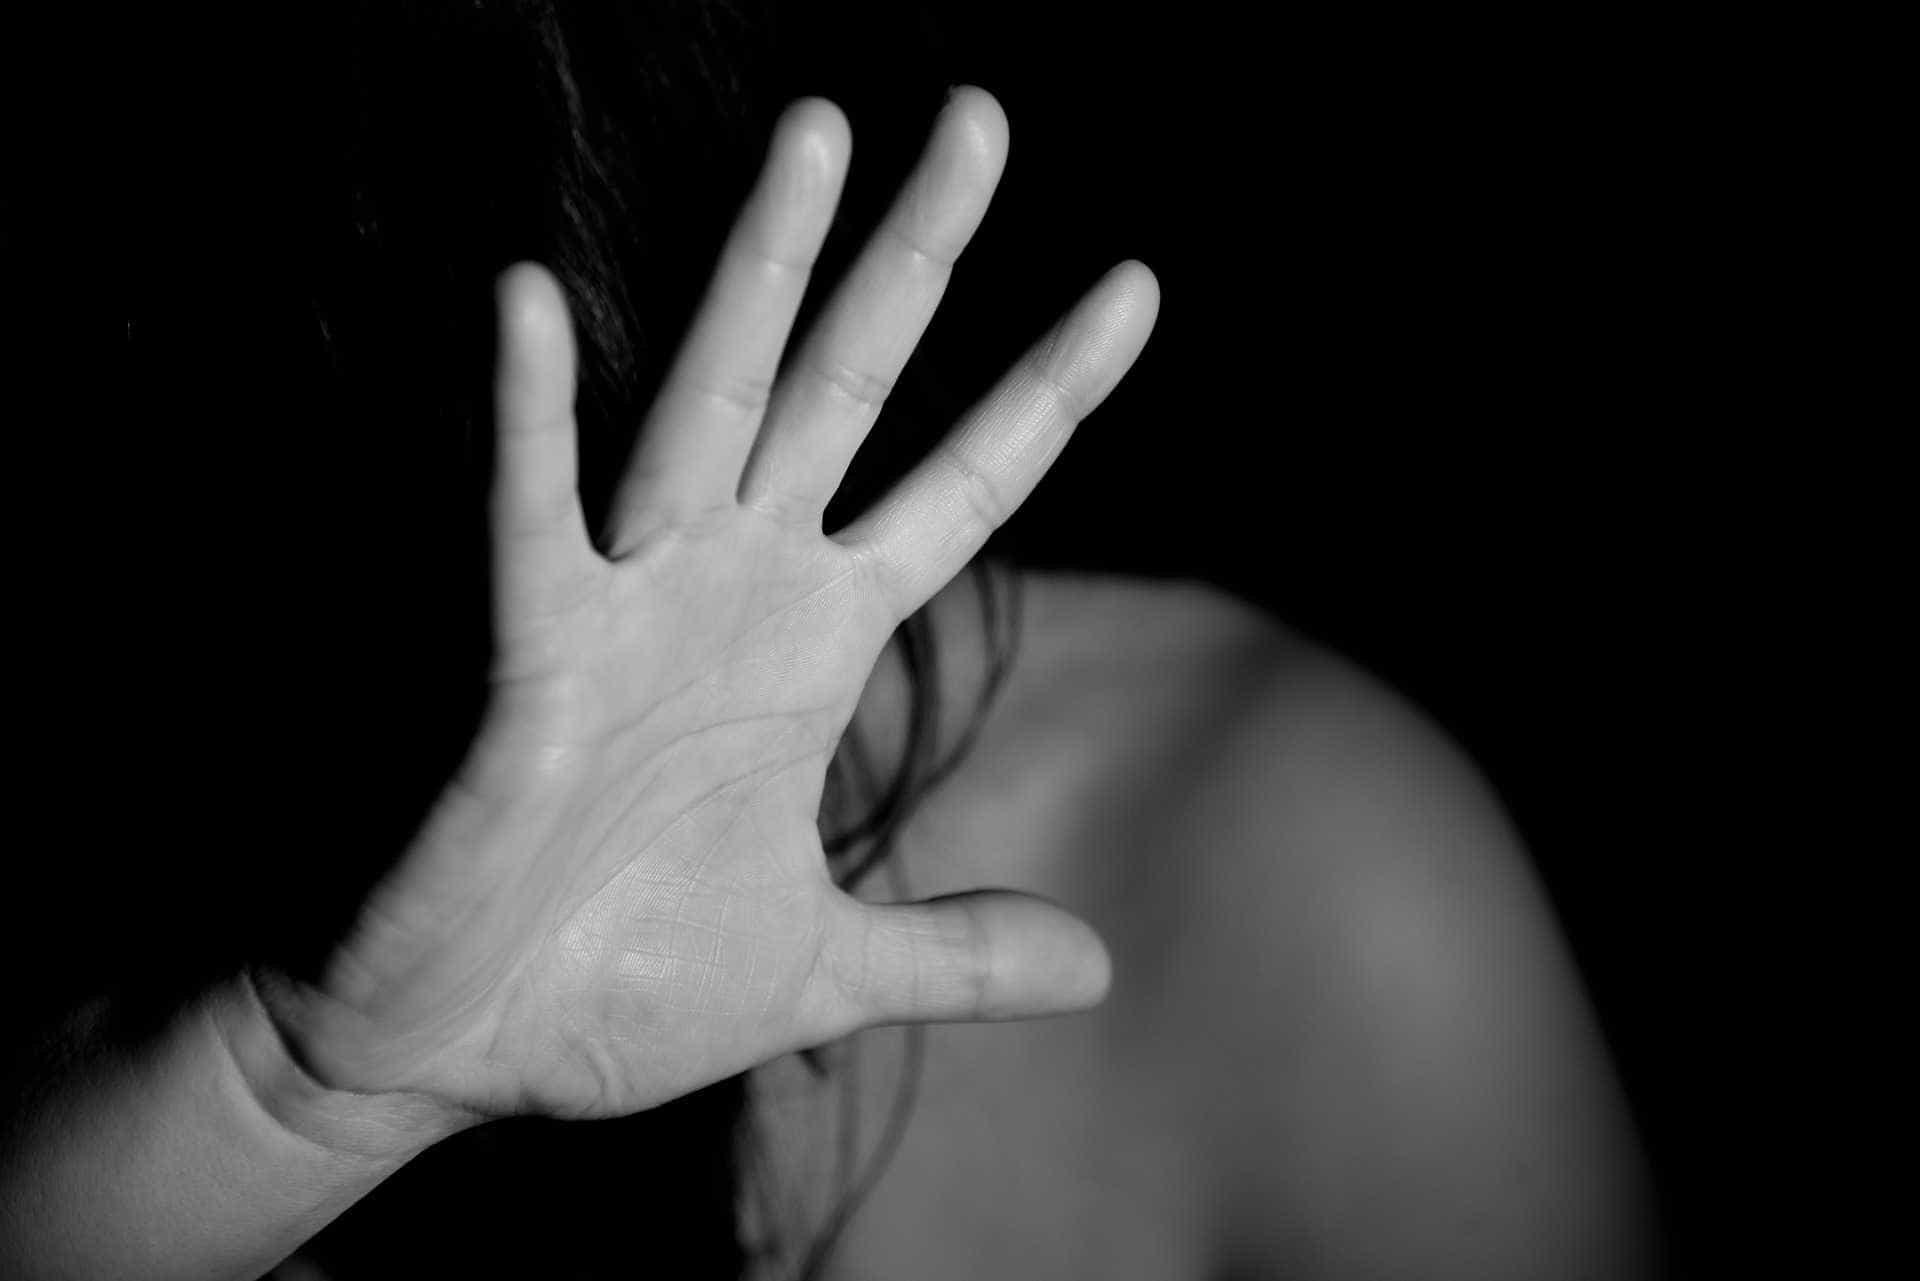 Jovem consegue ligar para amiga durante estupro e suspeito é preso